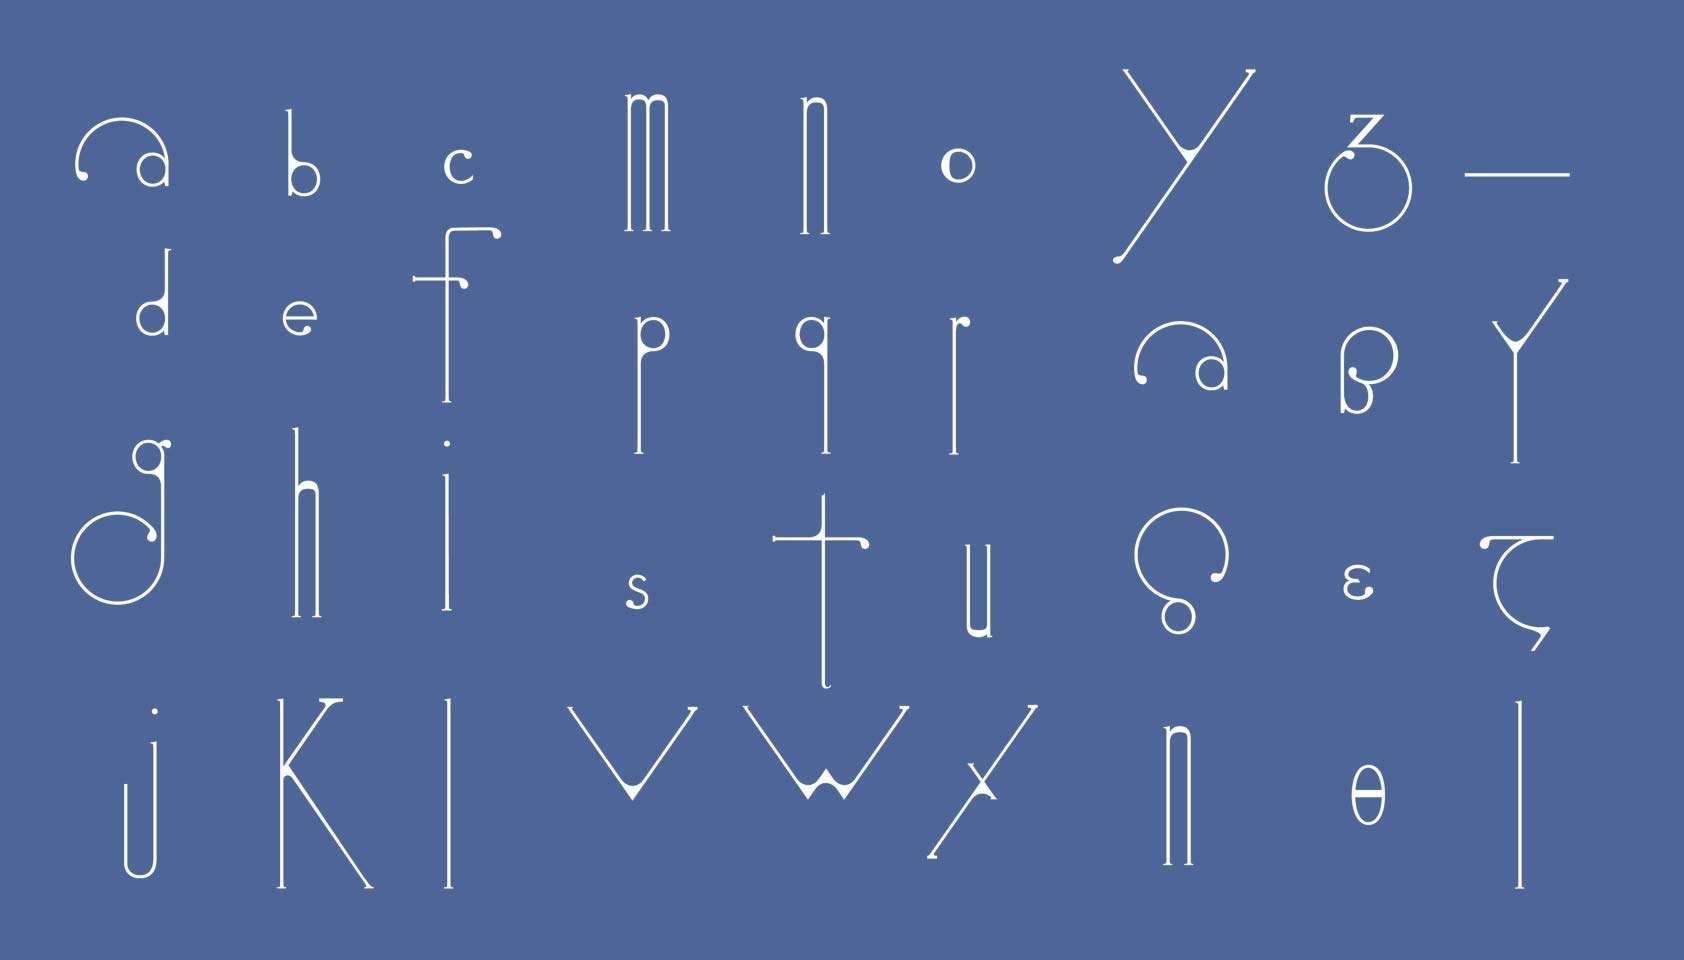 Futuristic typeface echoes art nouveau designs | Art deco